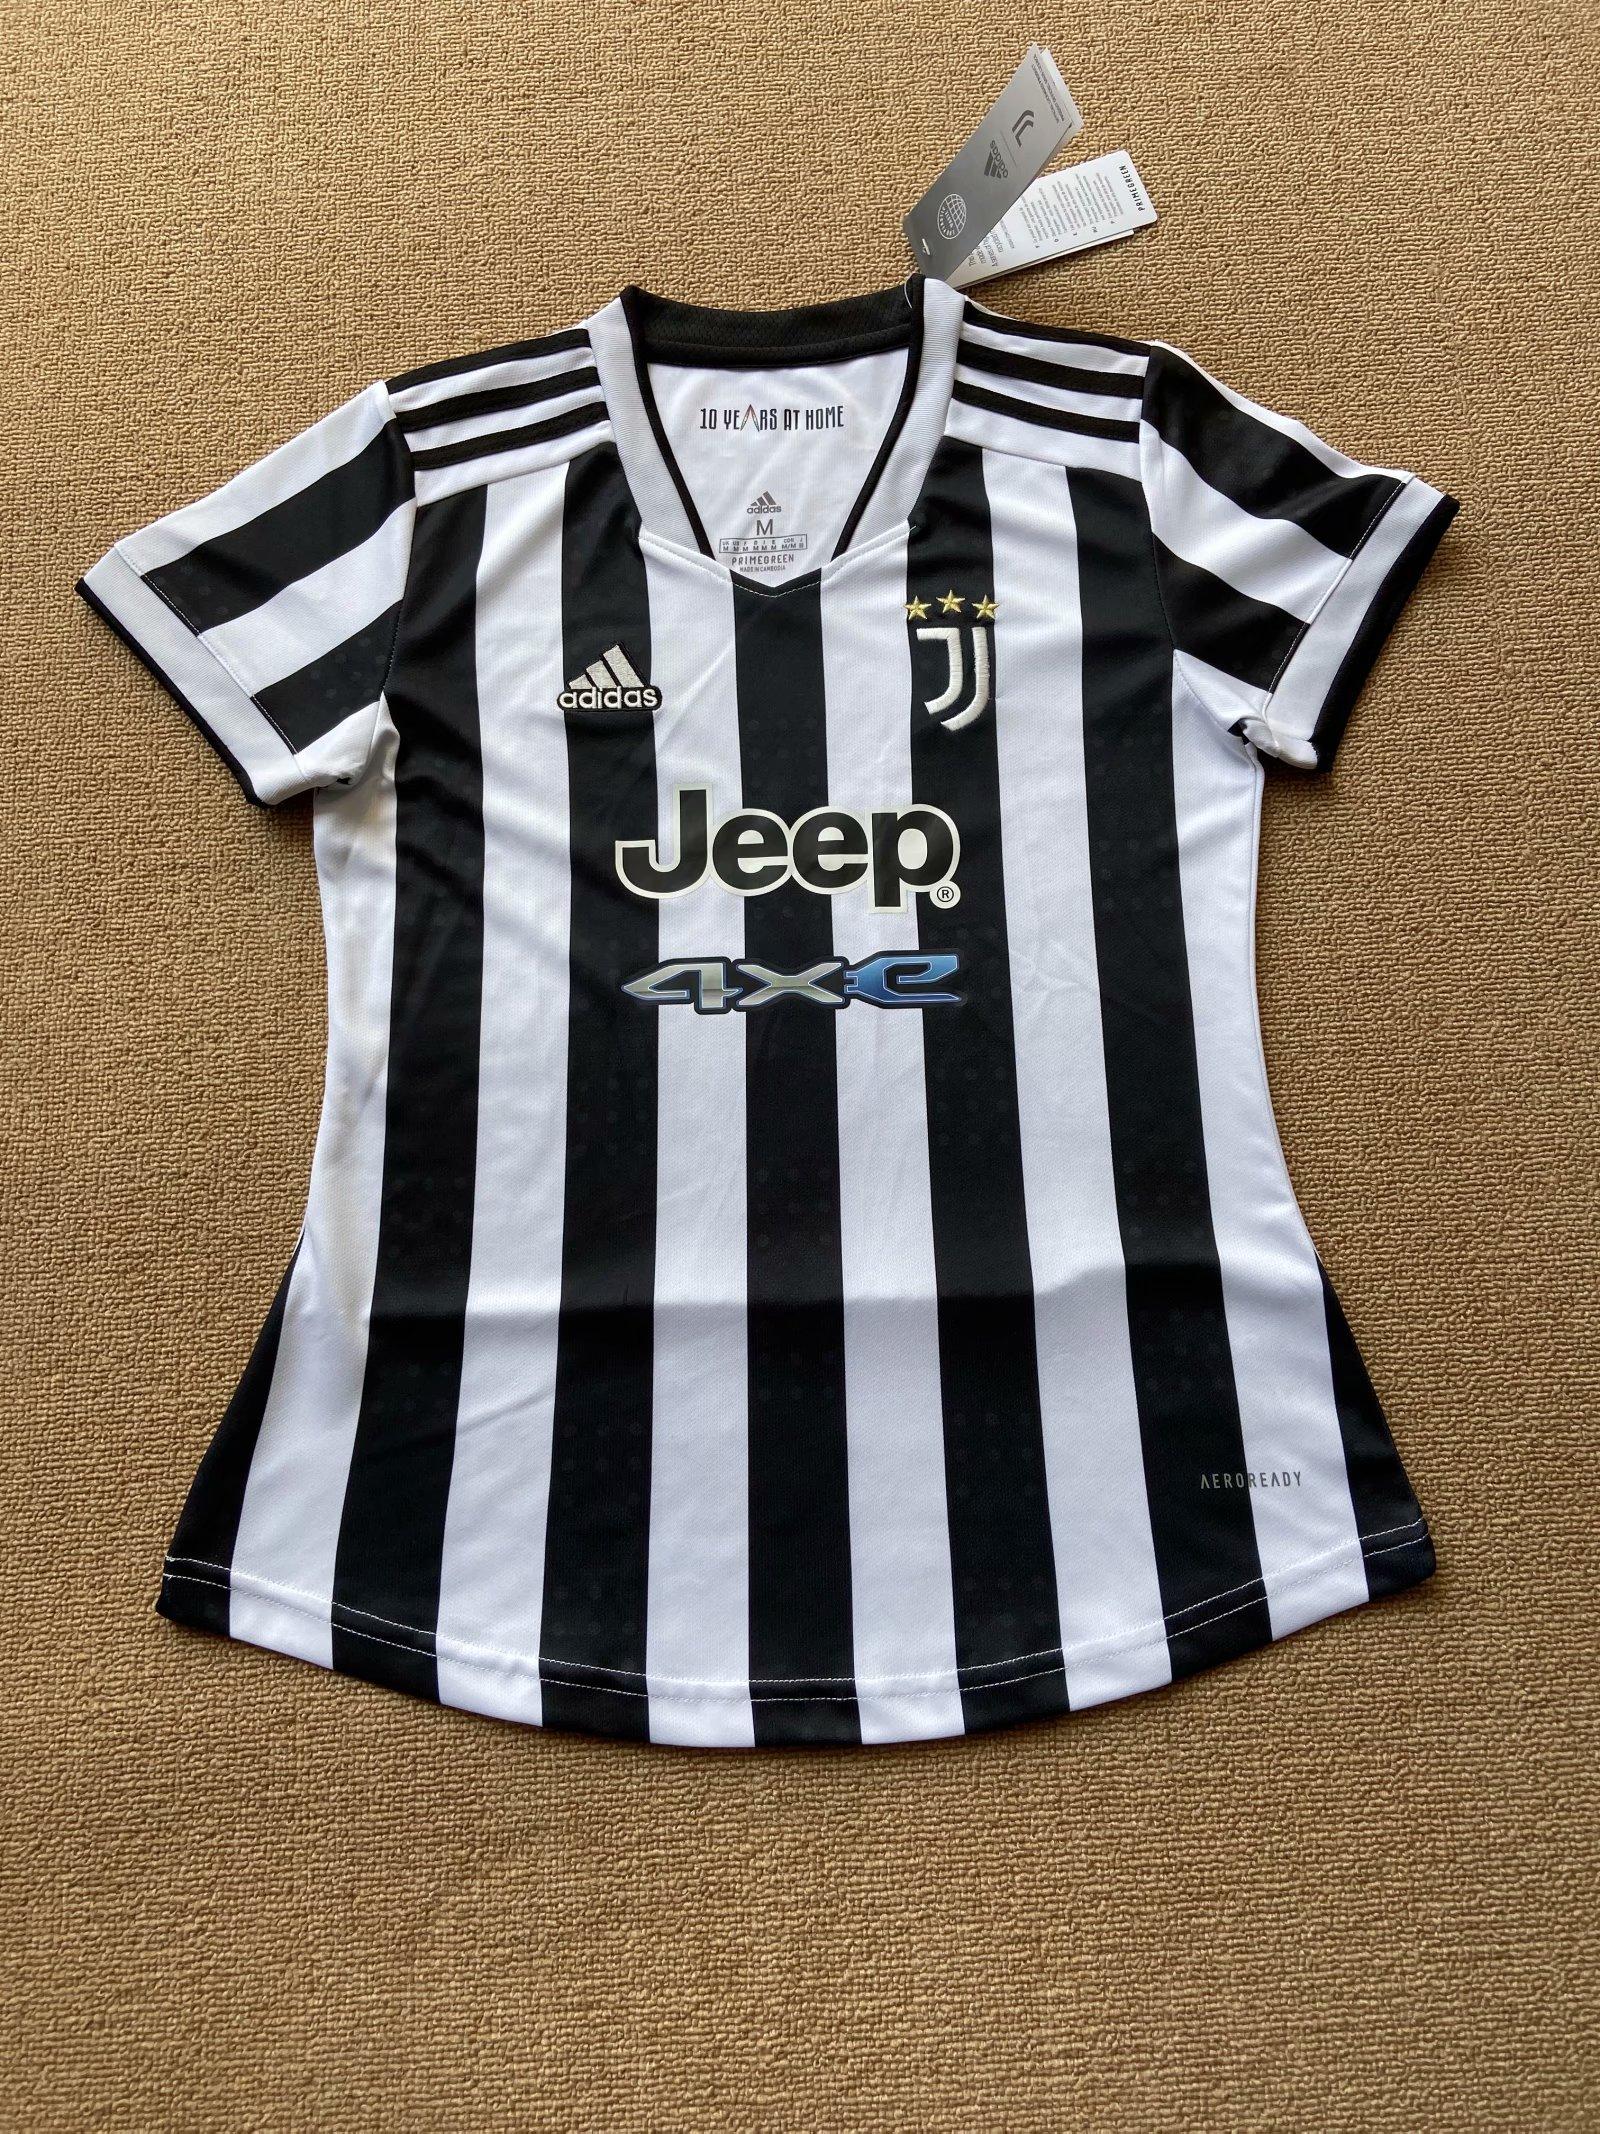 21-22-juventus-home-women-jersey-616.jpg